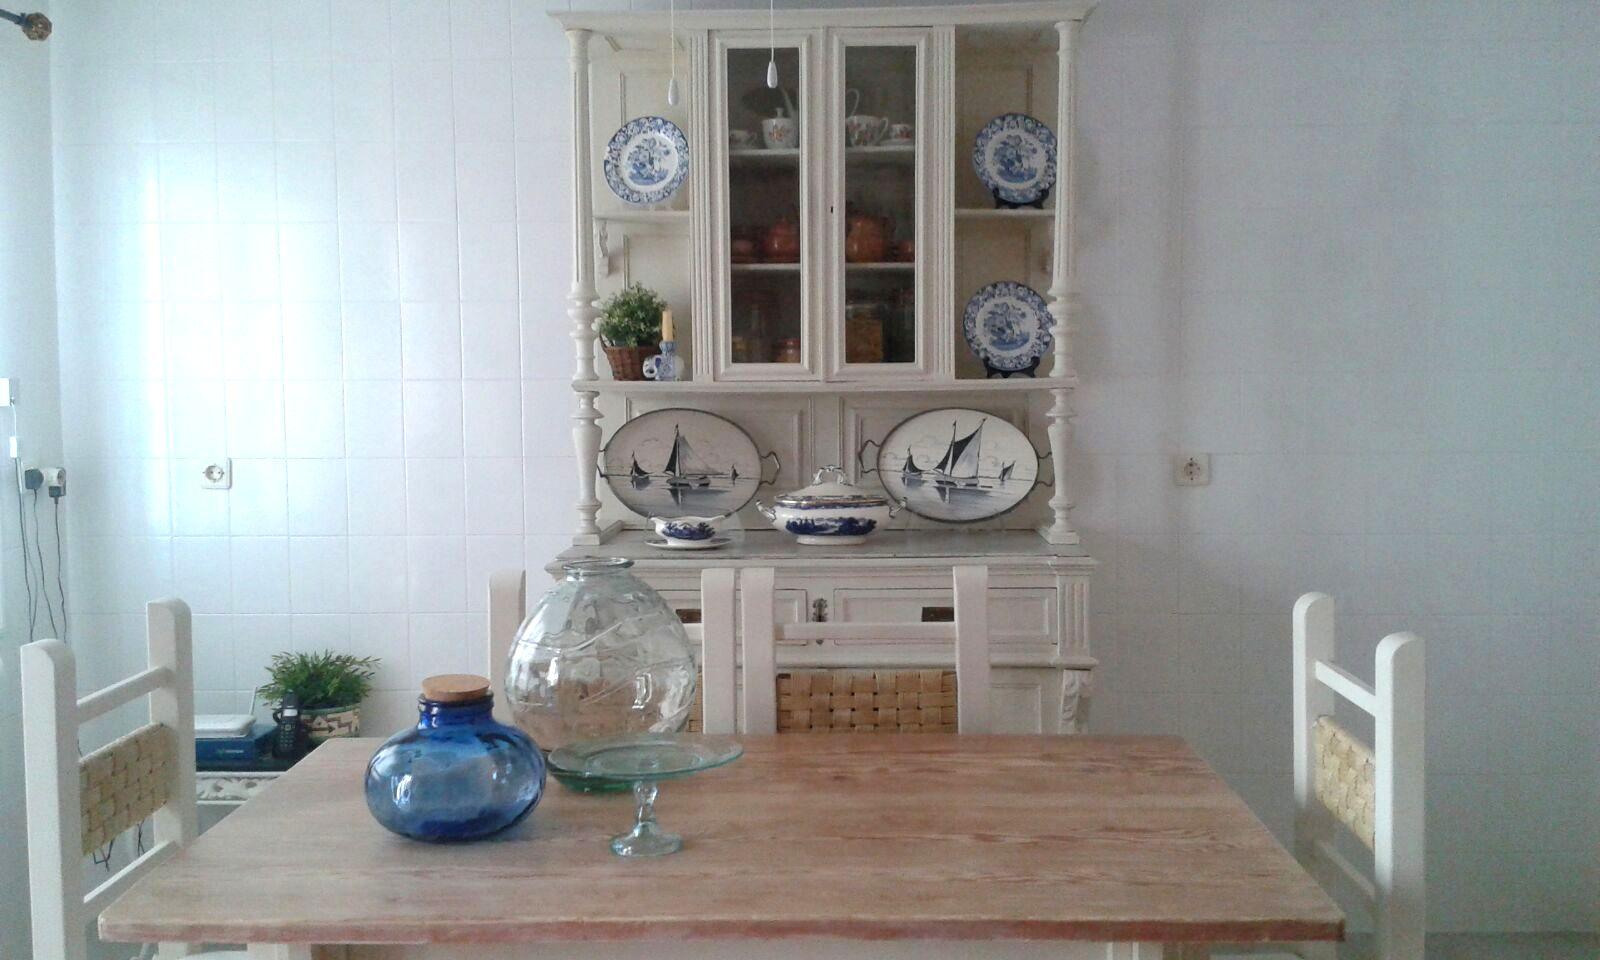 Fotos de muebles pintados con chalk paint. - Tienda Online Chalk Paint